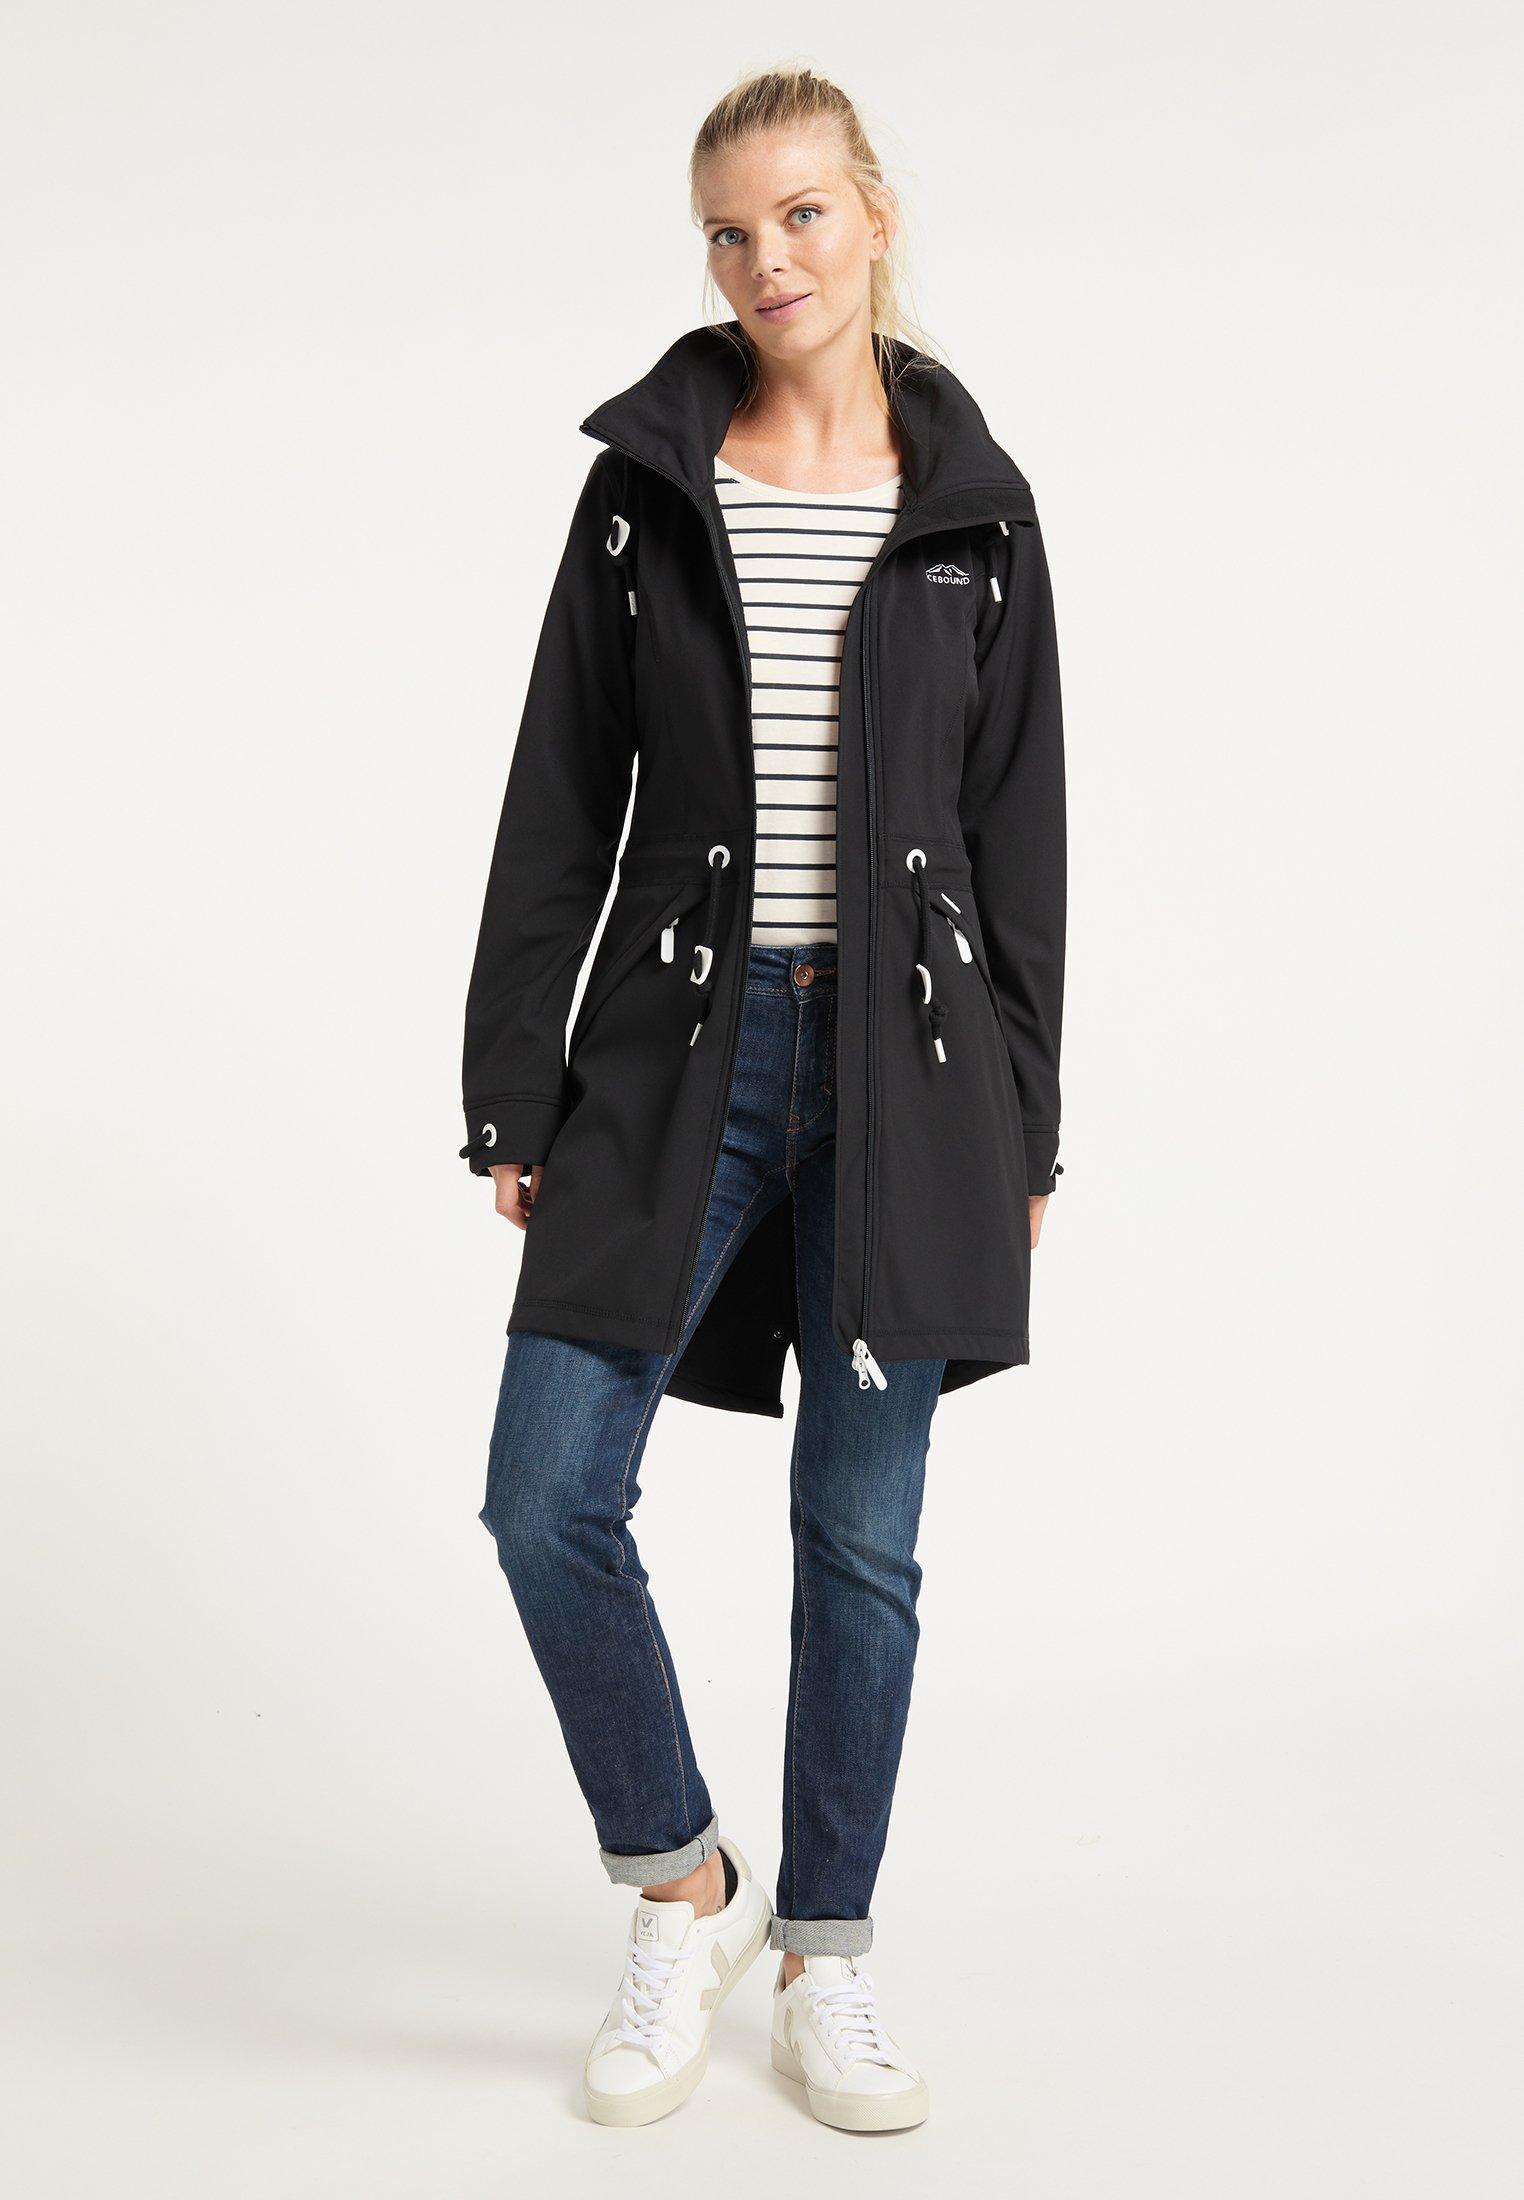 Bulk Designs New Arrival Fashion Women's Clothing ICEBOUND Outdoor jacket schwarz AANiypqpq WqKzGjdGt